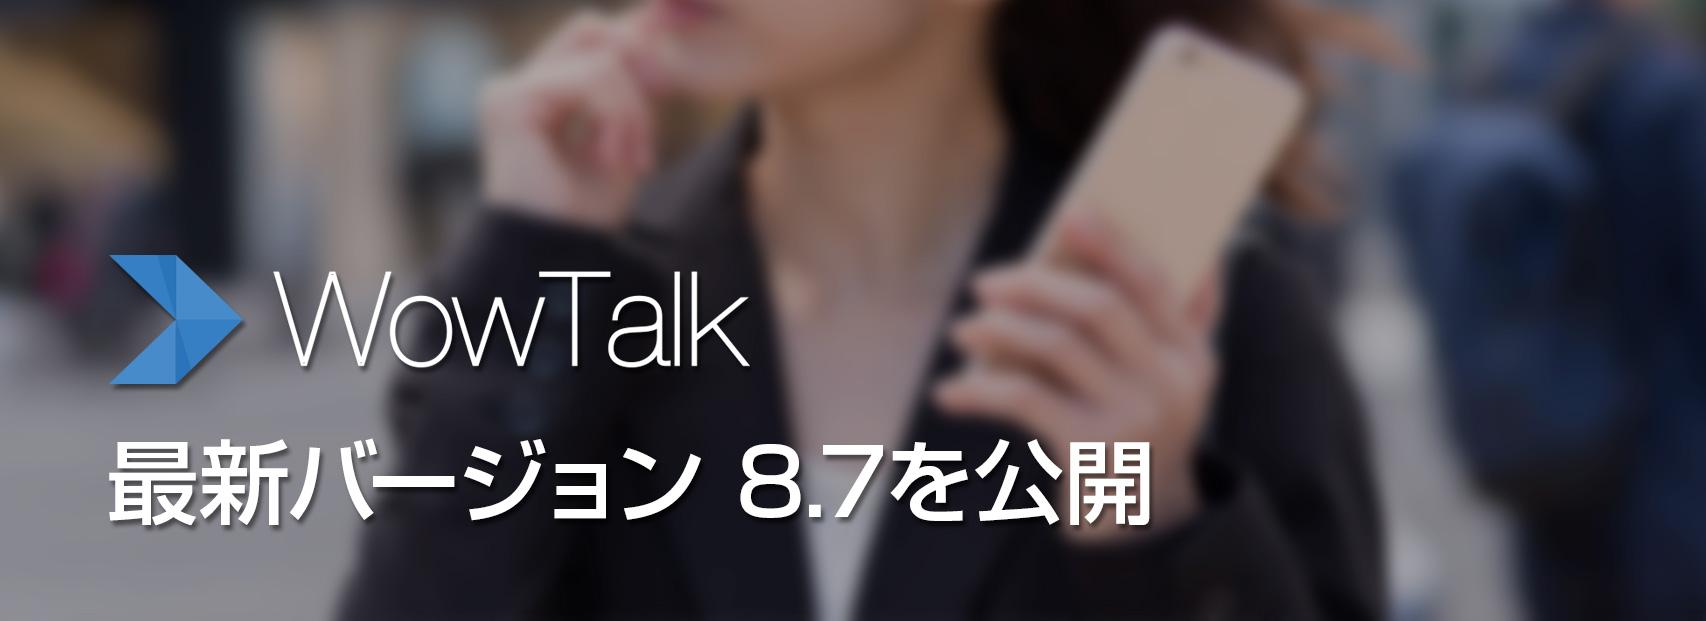 ビジネスチャット・社内SNS「WowTalk」、最新バージョンを公開。~セキュリティ設定をさらに強化し、BYODのリスク